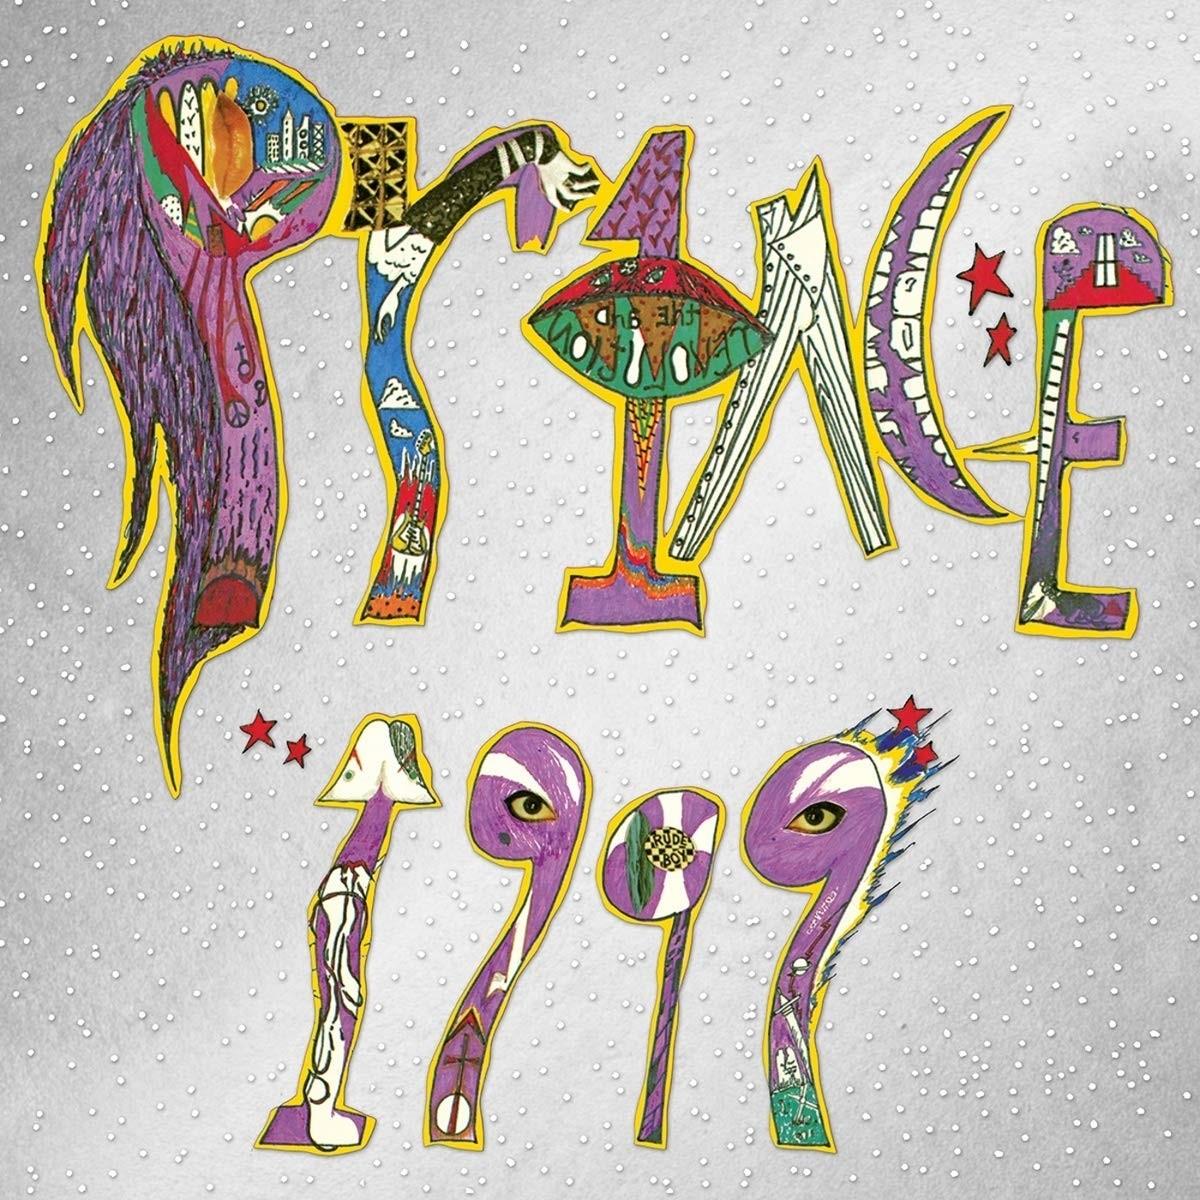 Prince - 1999 (Super Deluxe) Boxset